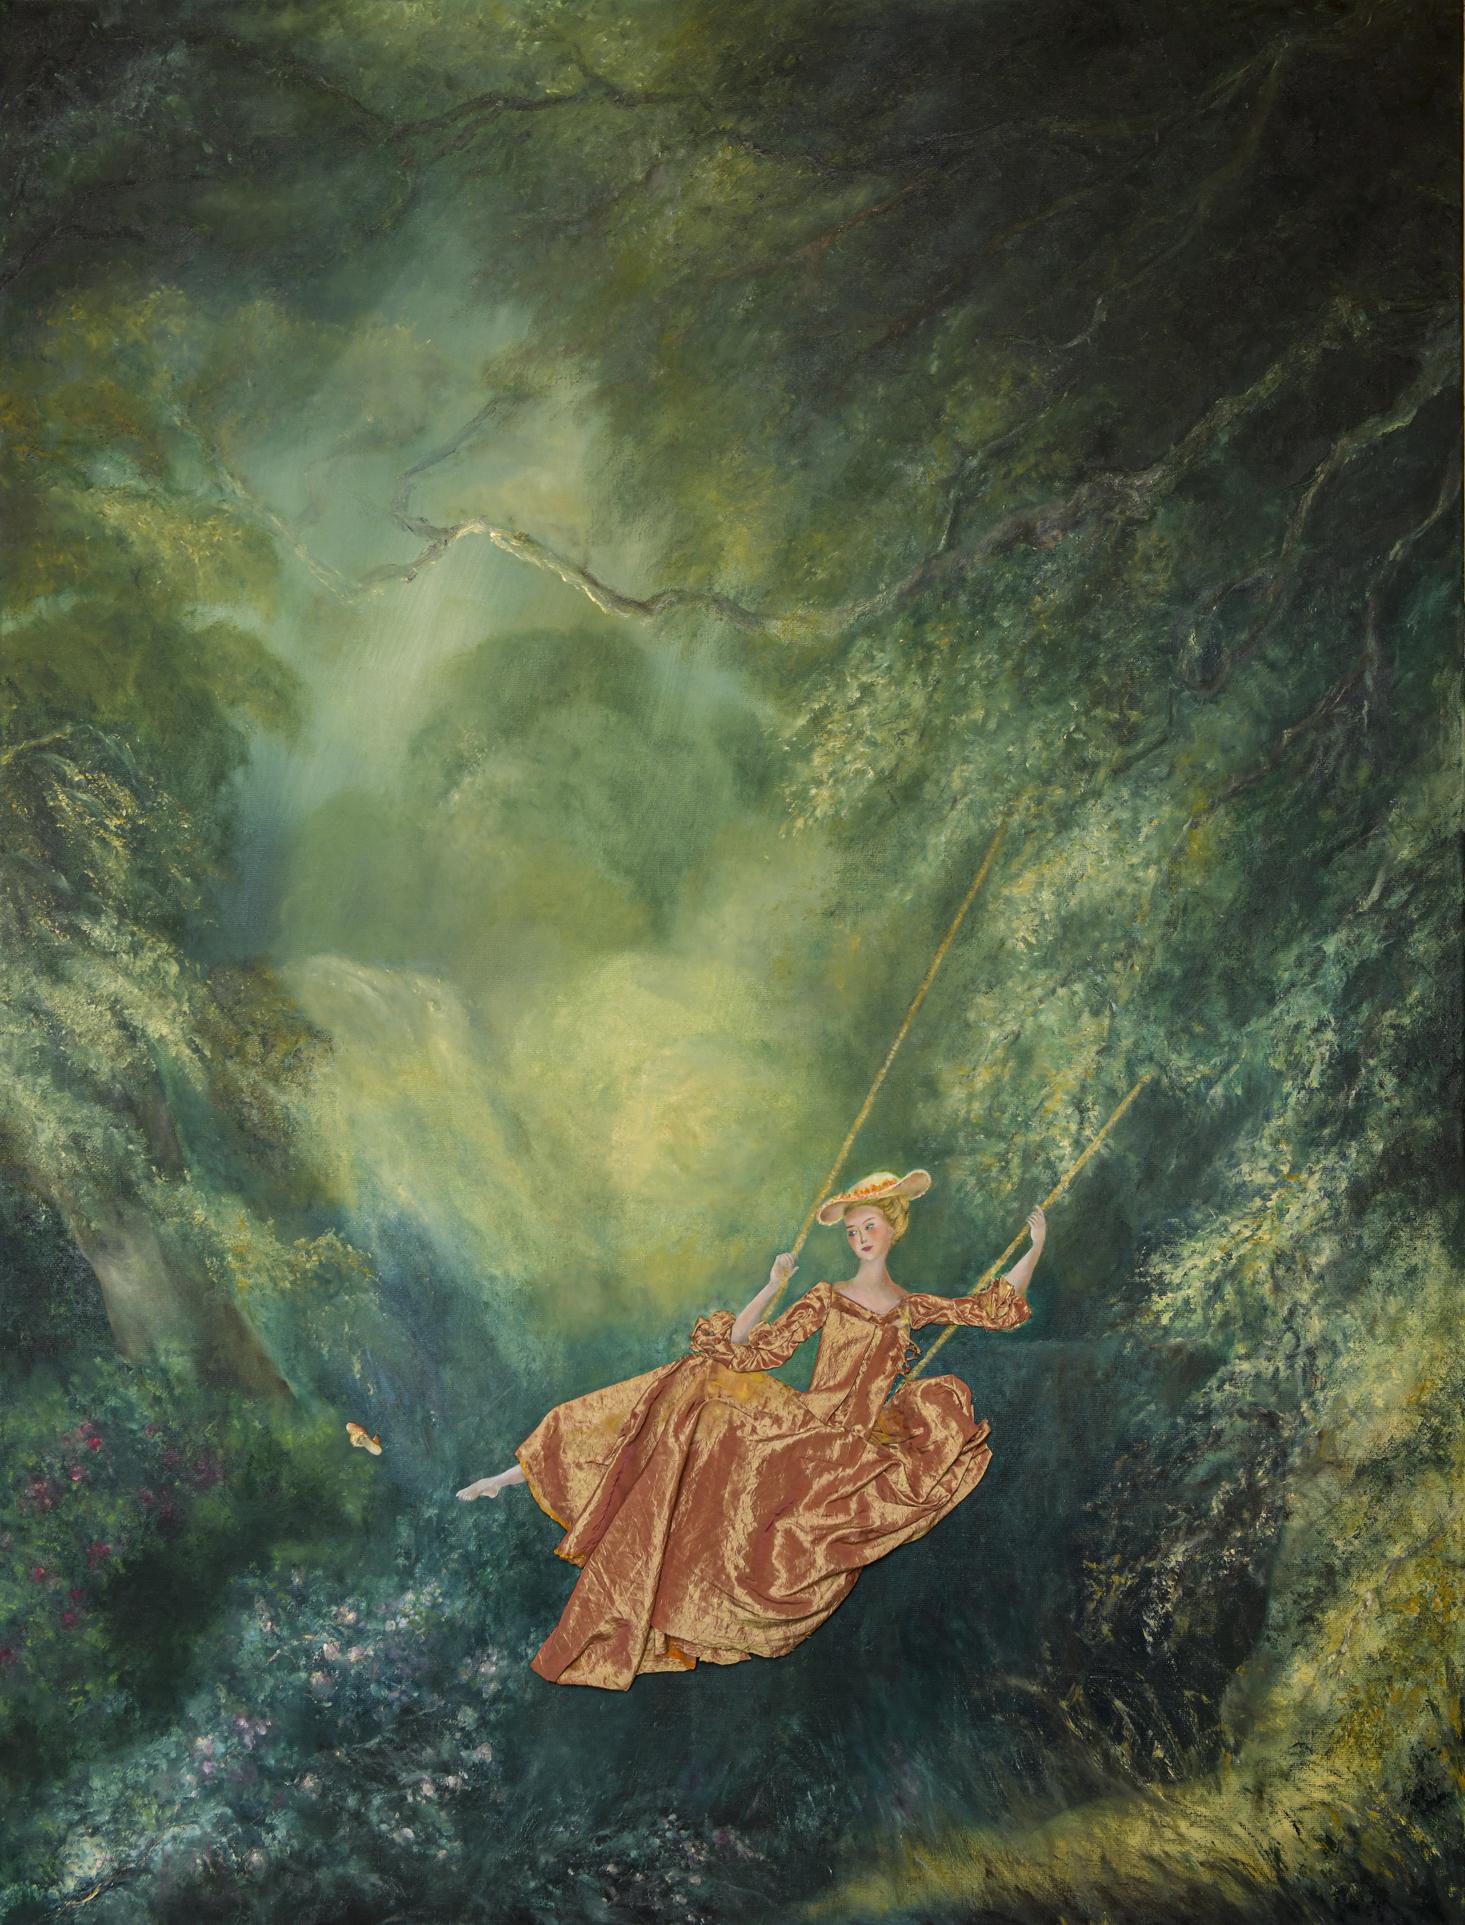 """Exposition """"Ailleurs"""" de Camille Monnier du 18 au 30 sept dans le cadre de l'Eté Indien"""